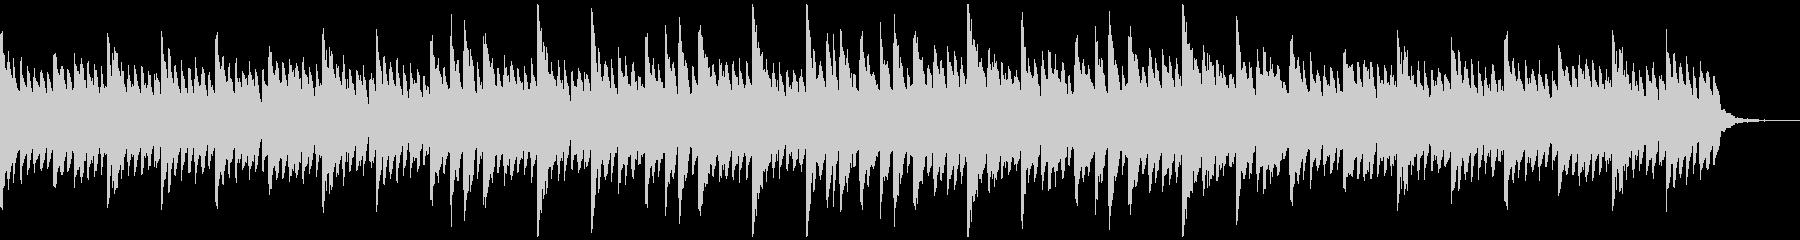 感動的でシンプルなピアノソロの未再生の波形